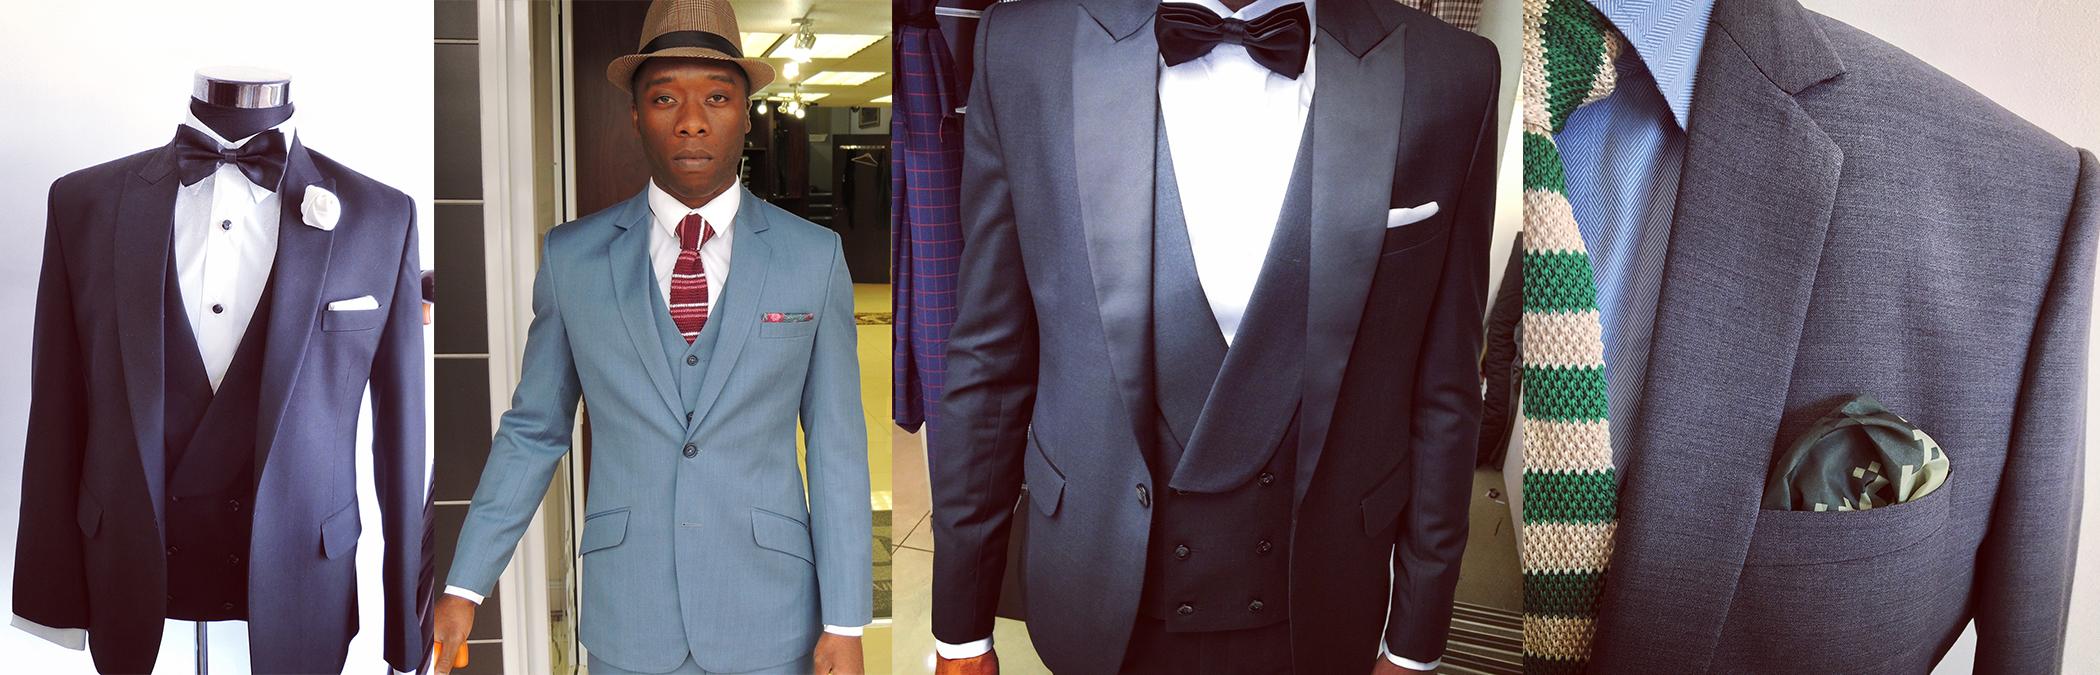 tailored shirt slider 5